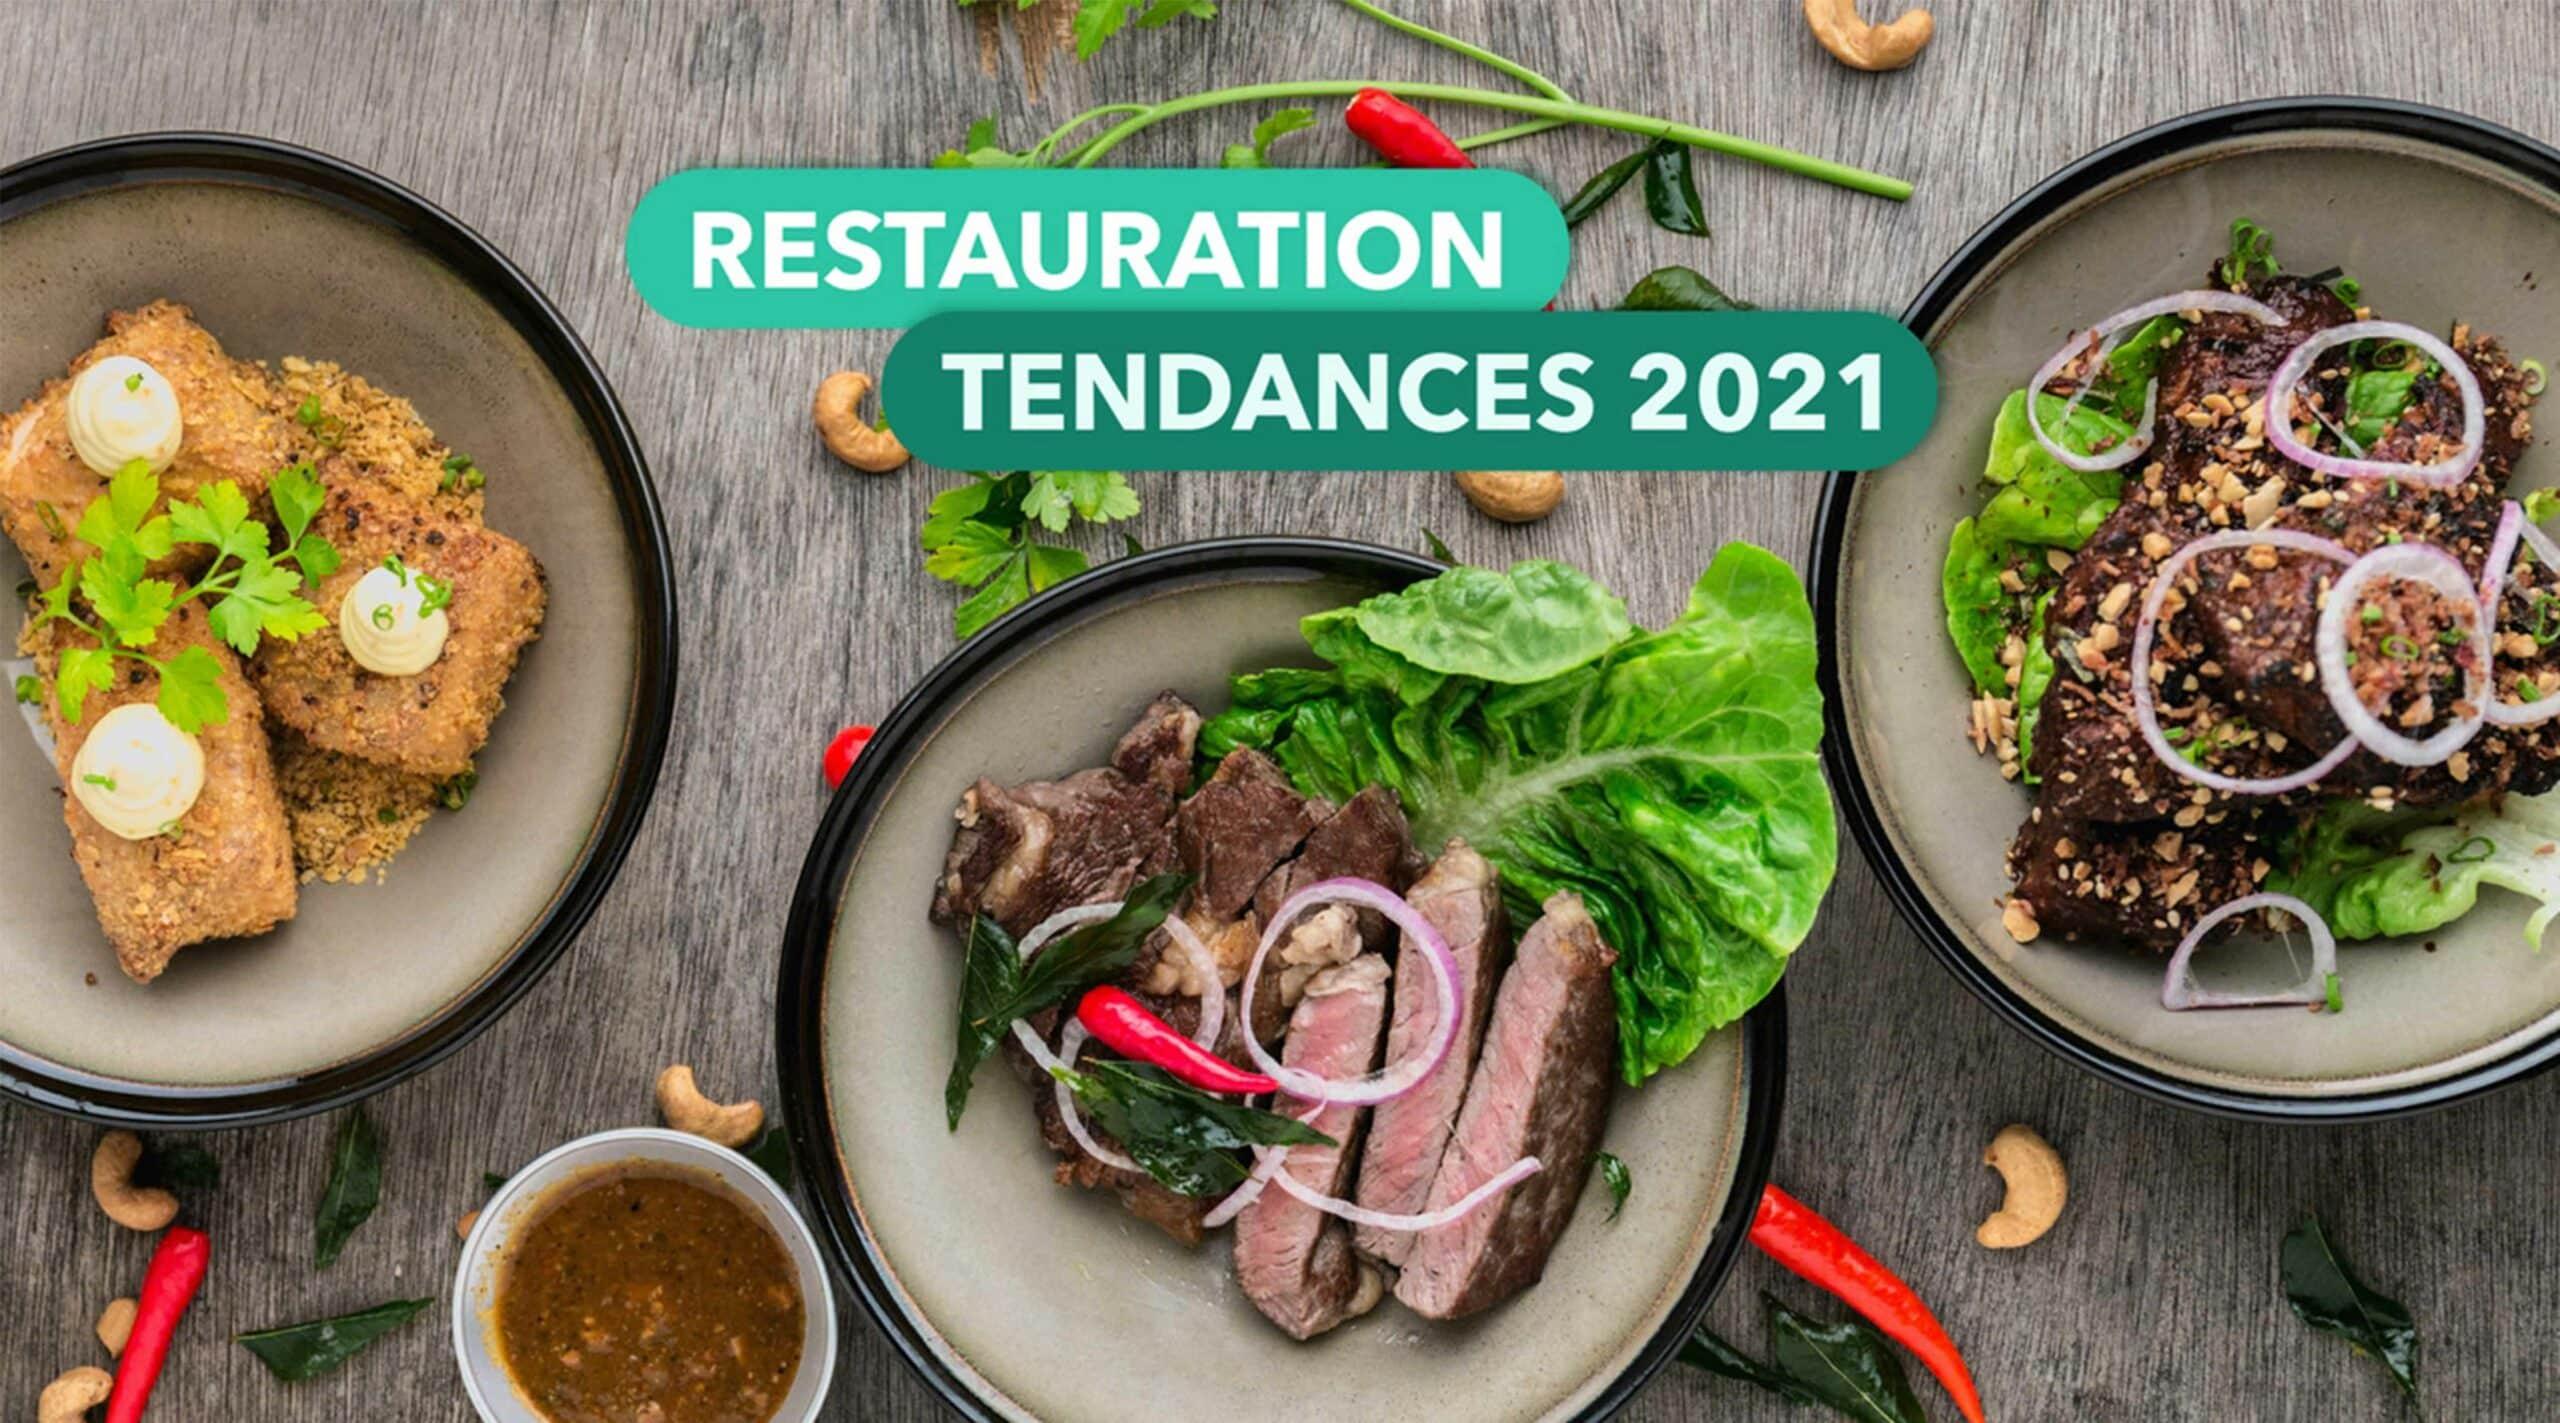 Conseils restauration 2021